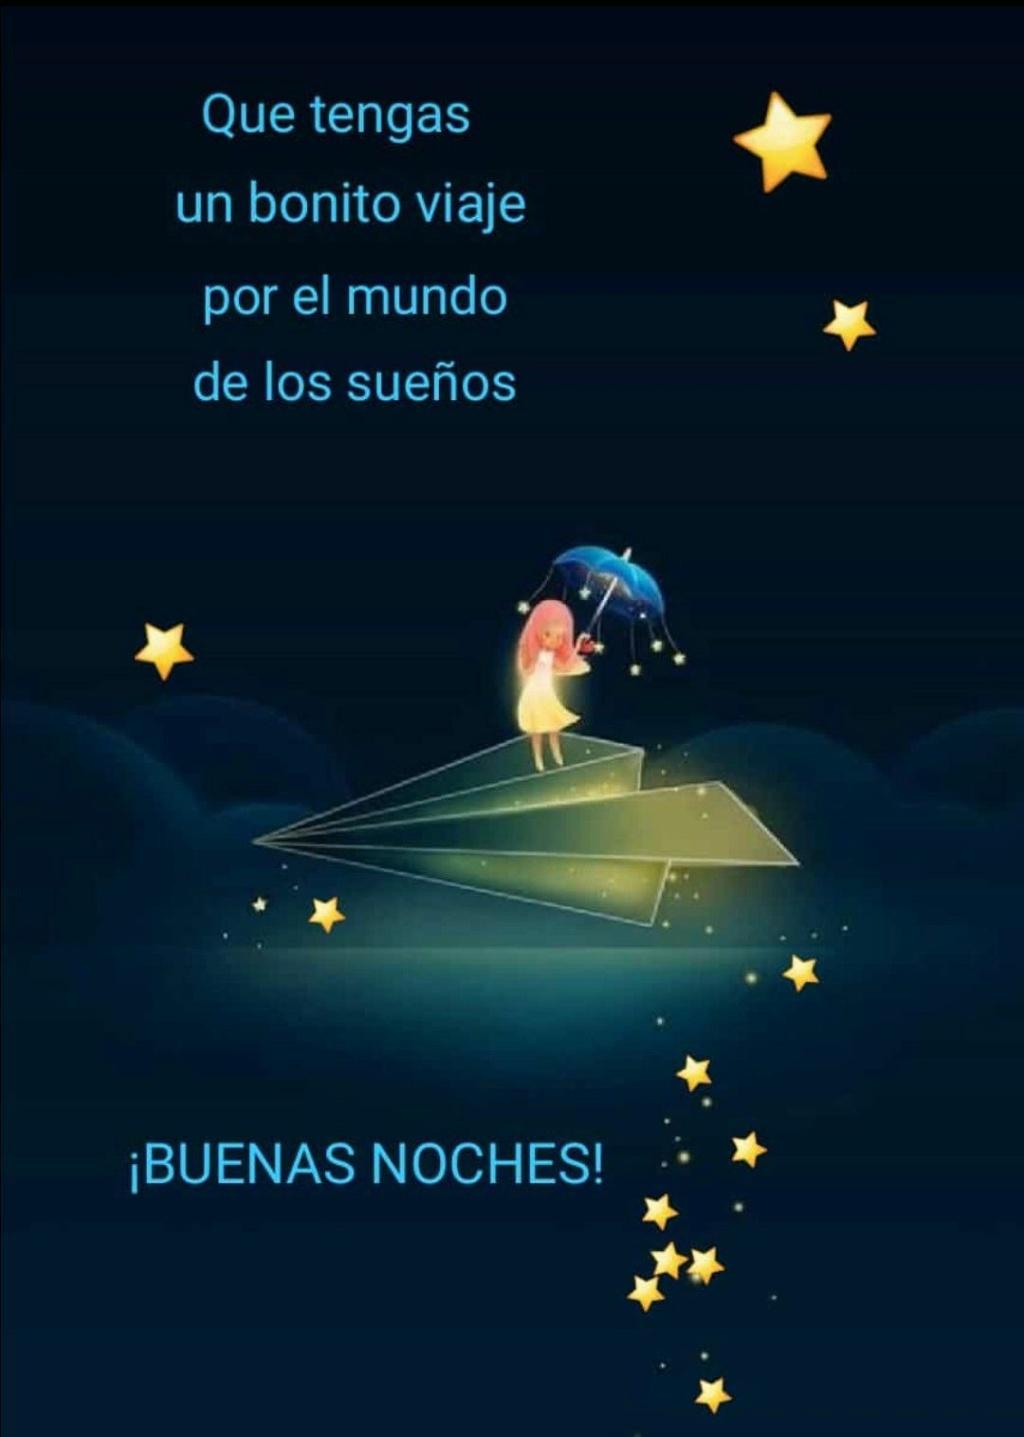 Hilo para dar las buenas noches  - Página 4 Bbbca510